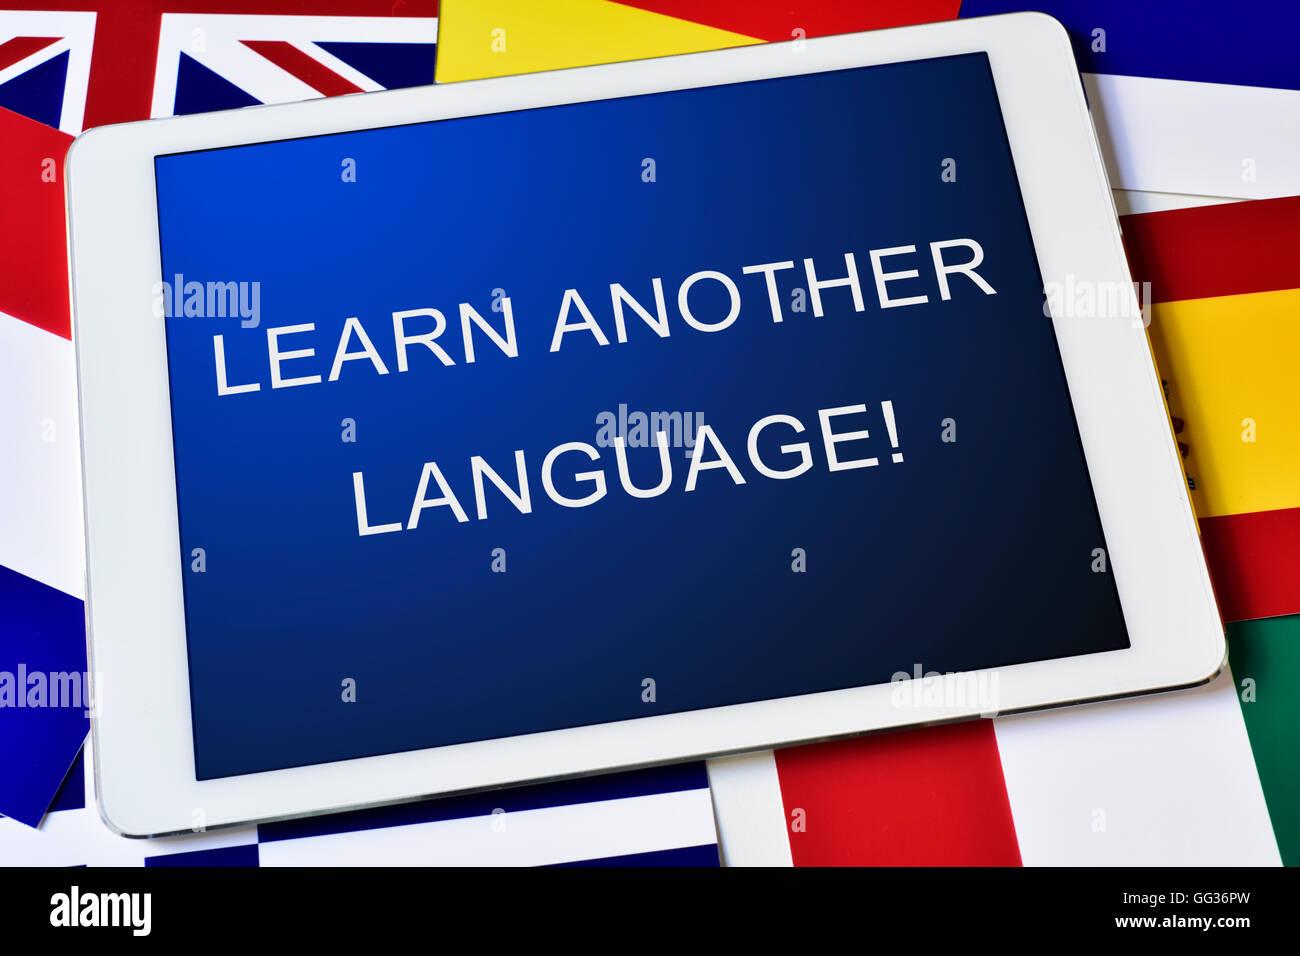 El texto aprender otro idioma en la pantalla de un equipo tablet pc rodeado por banderas de diferentes países Foto de stock